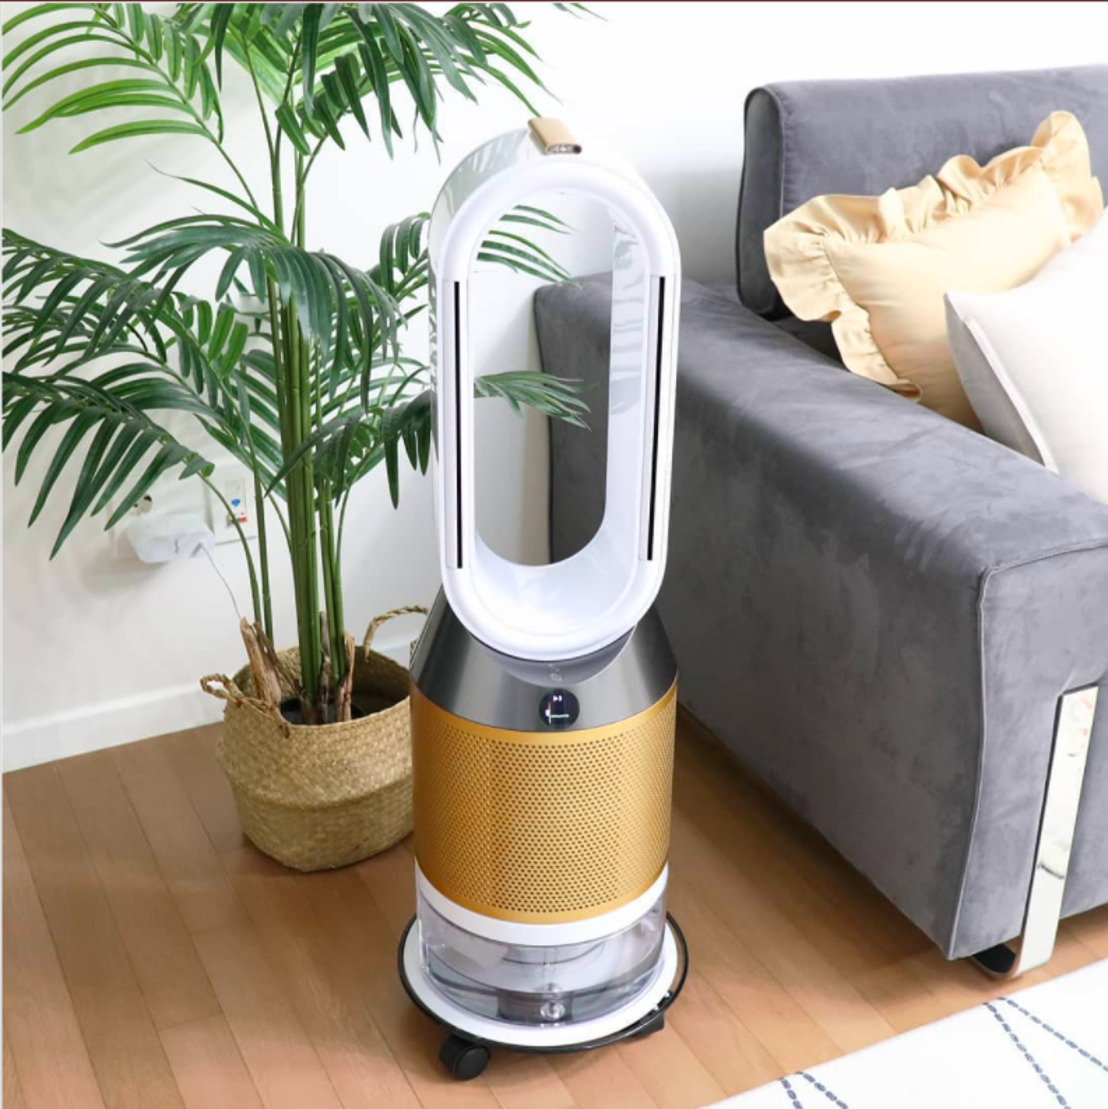 La buena salud en el hogar empieza con un ambiente fresco